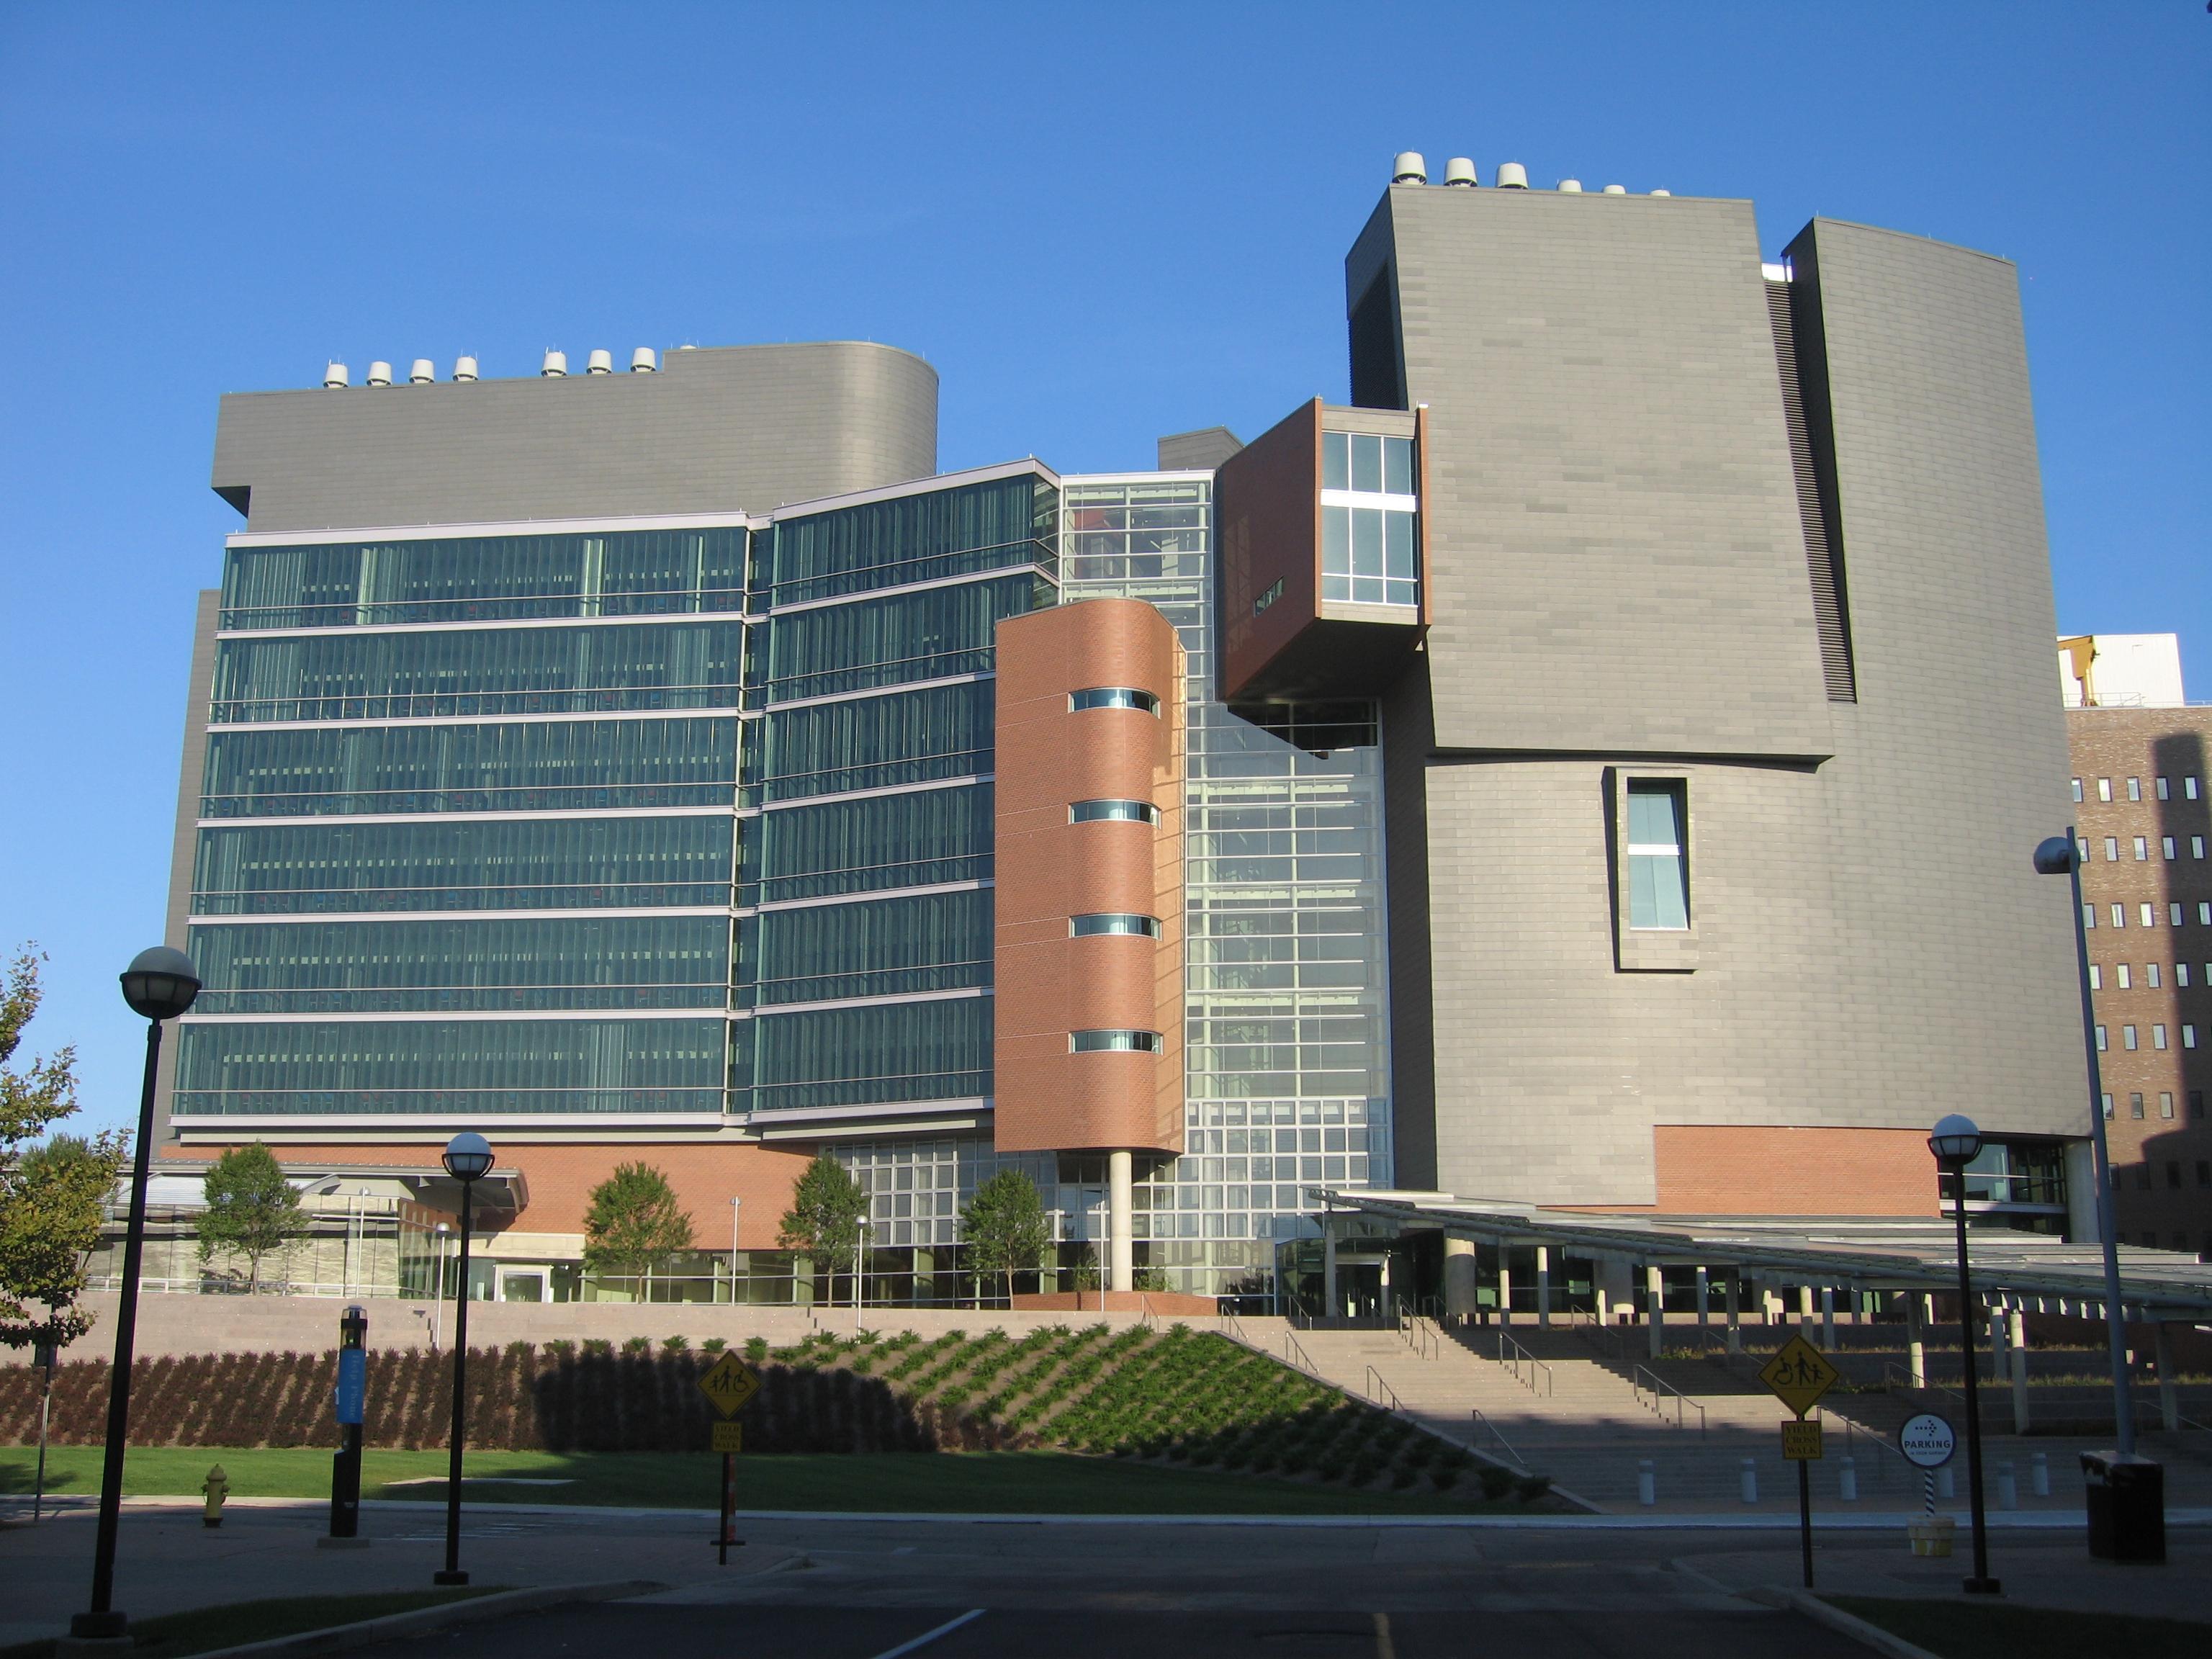 2008-10-05_05_Cincinnati_architecture_the_University_of_Cincinnati's_CARECrawley_Building